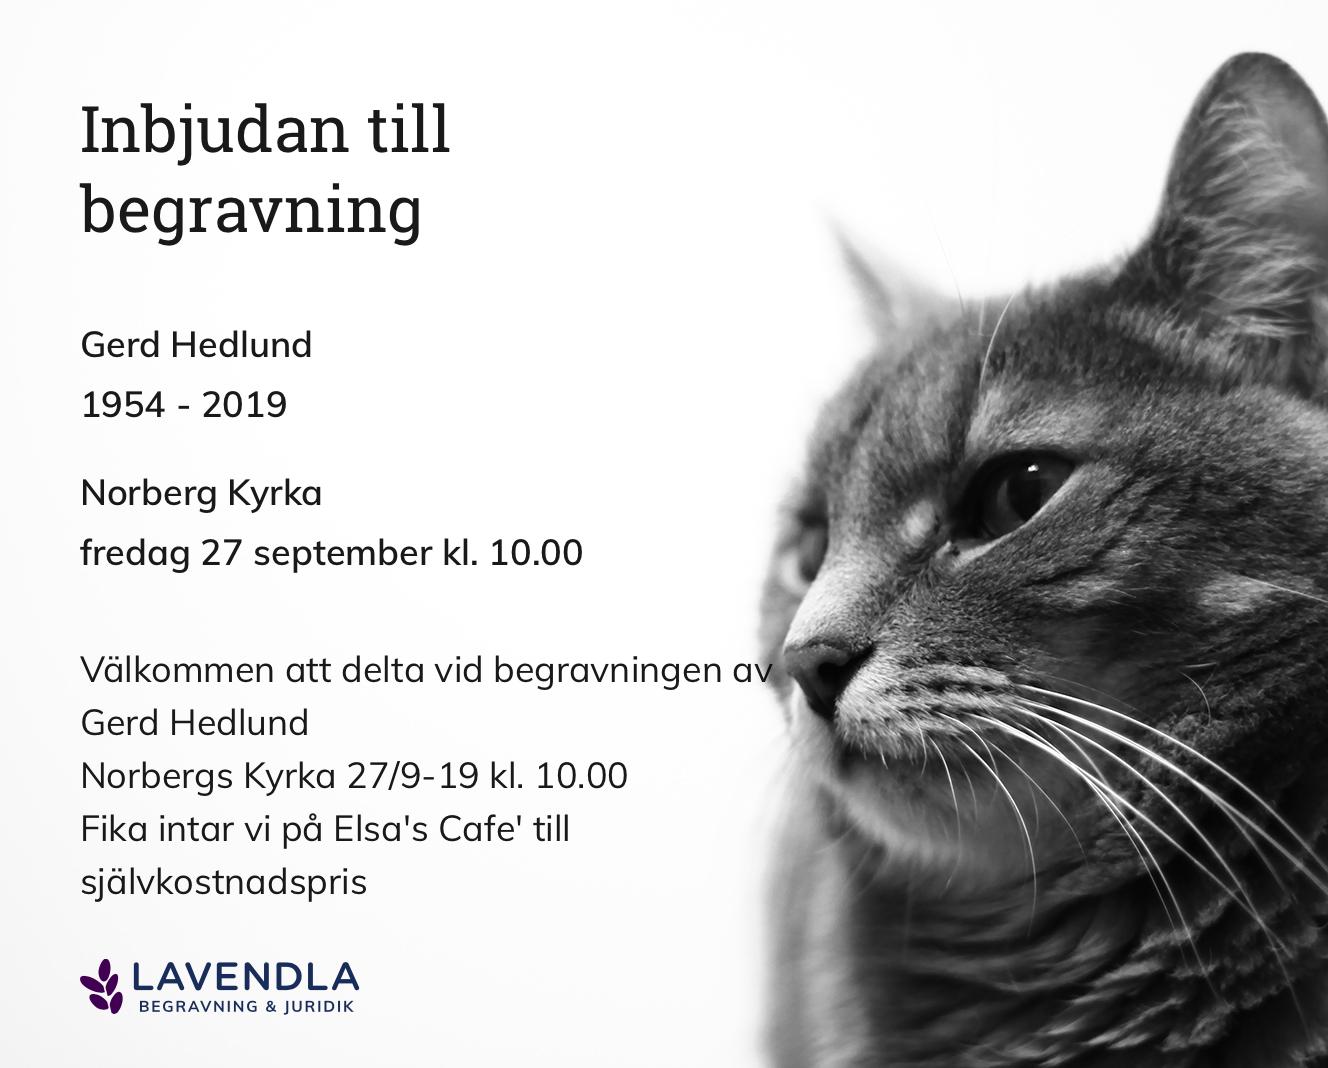 Inbjudningskort till ceremonin för Gerd Hedlund